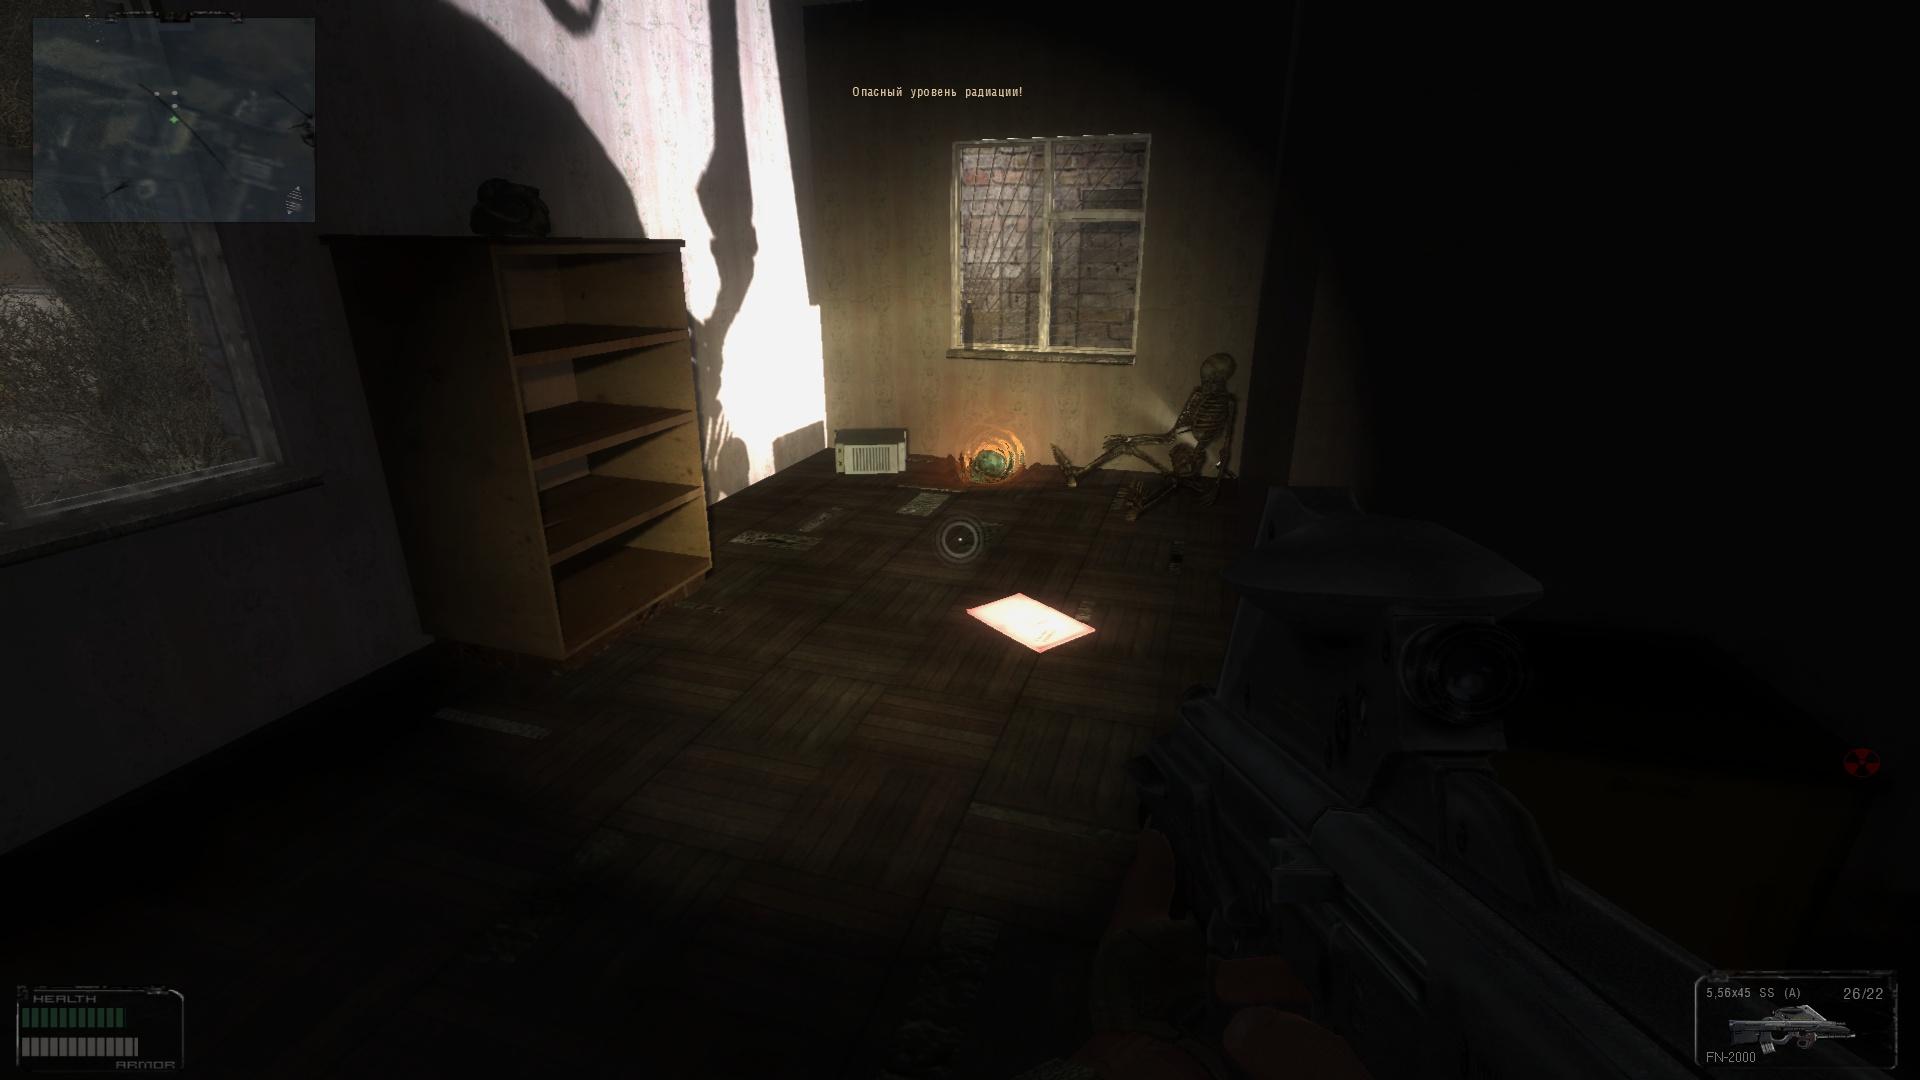 Oblivion Lost Remake 2.5 image 417